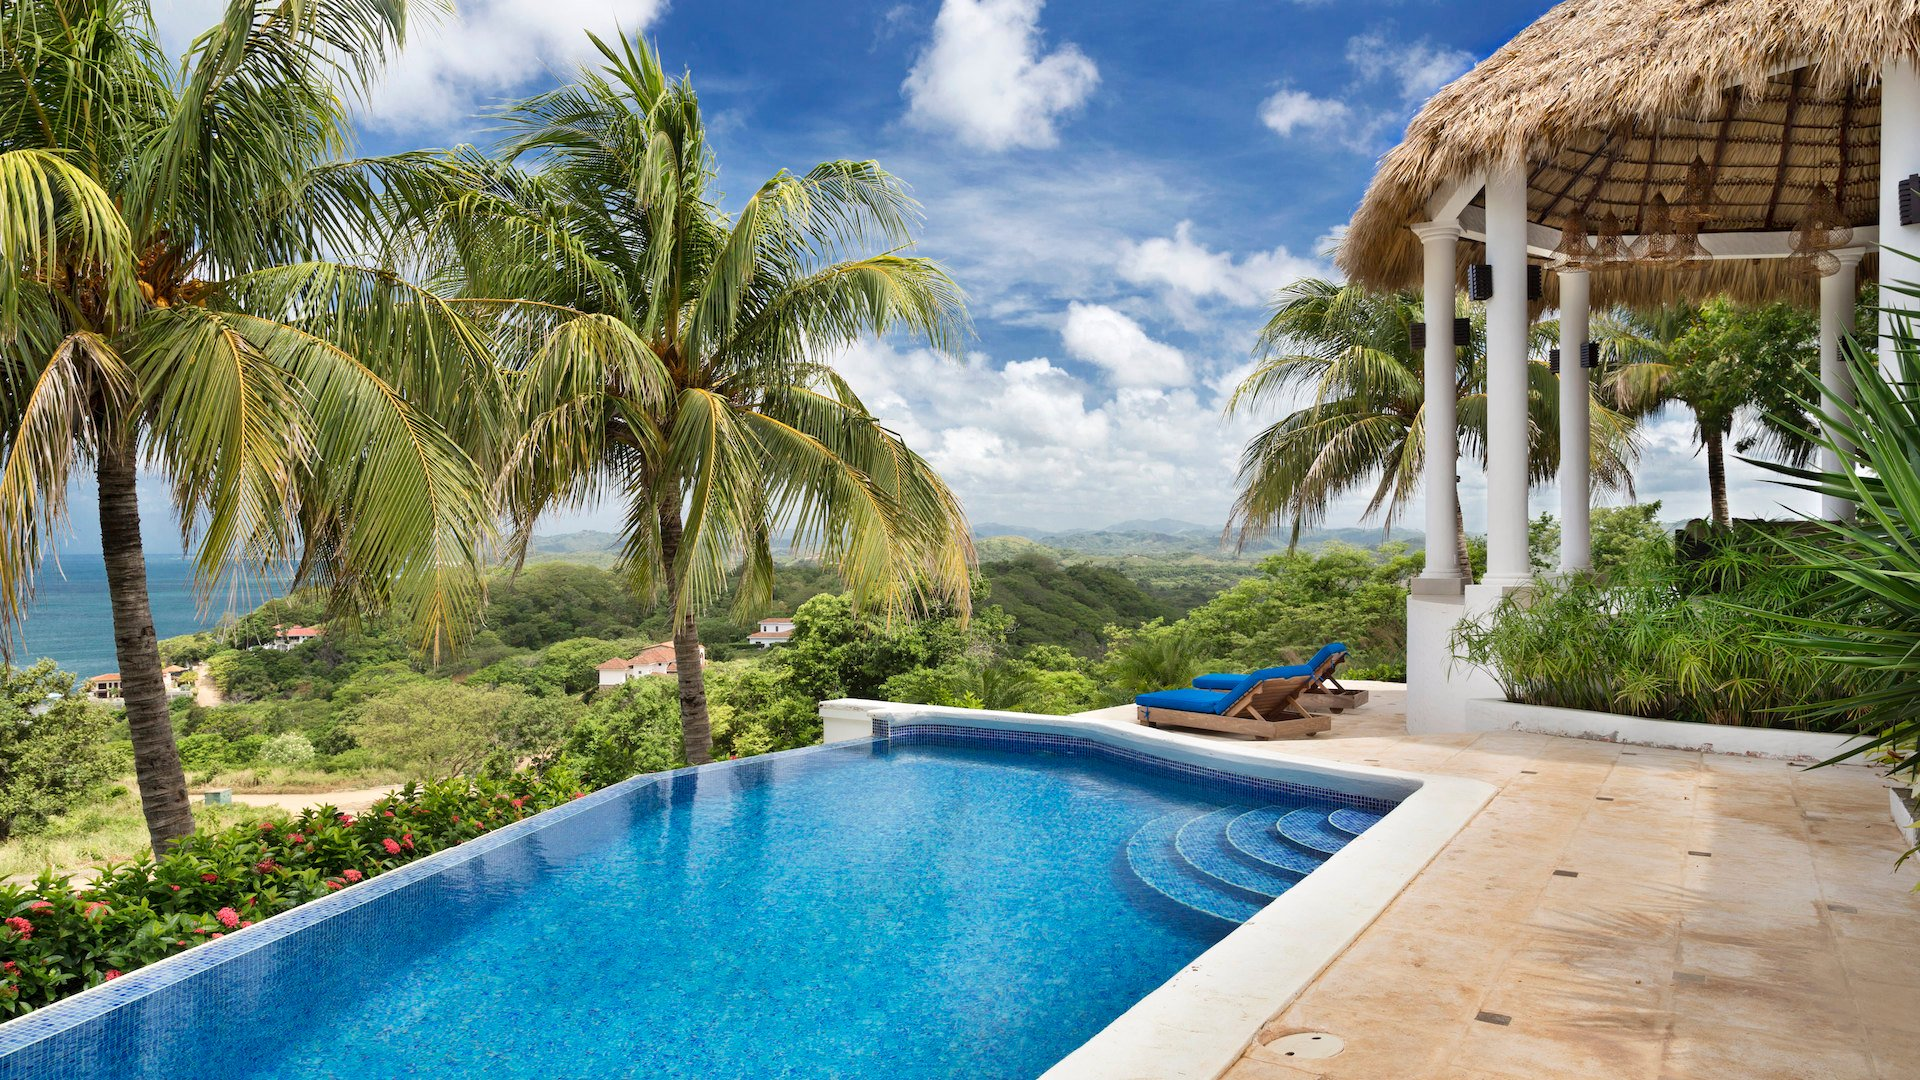 Destino Nicaragua: así es el exclusivo resort Rancho Santana